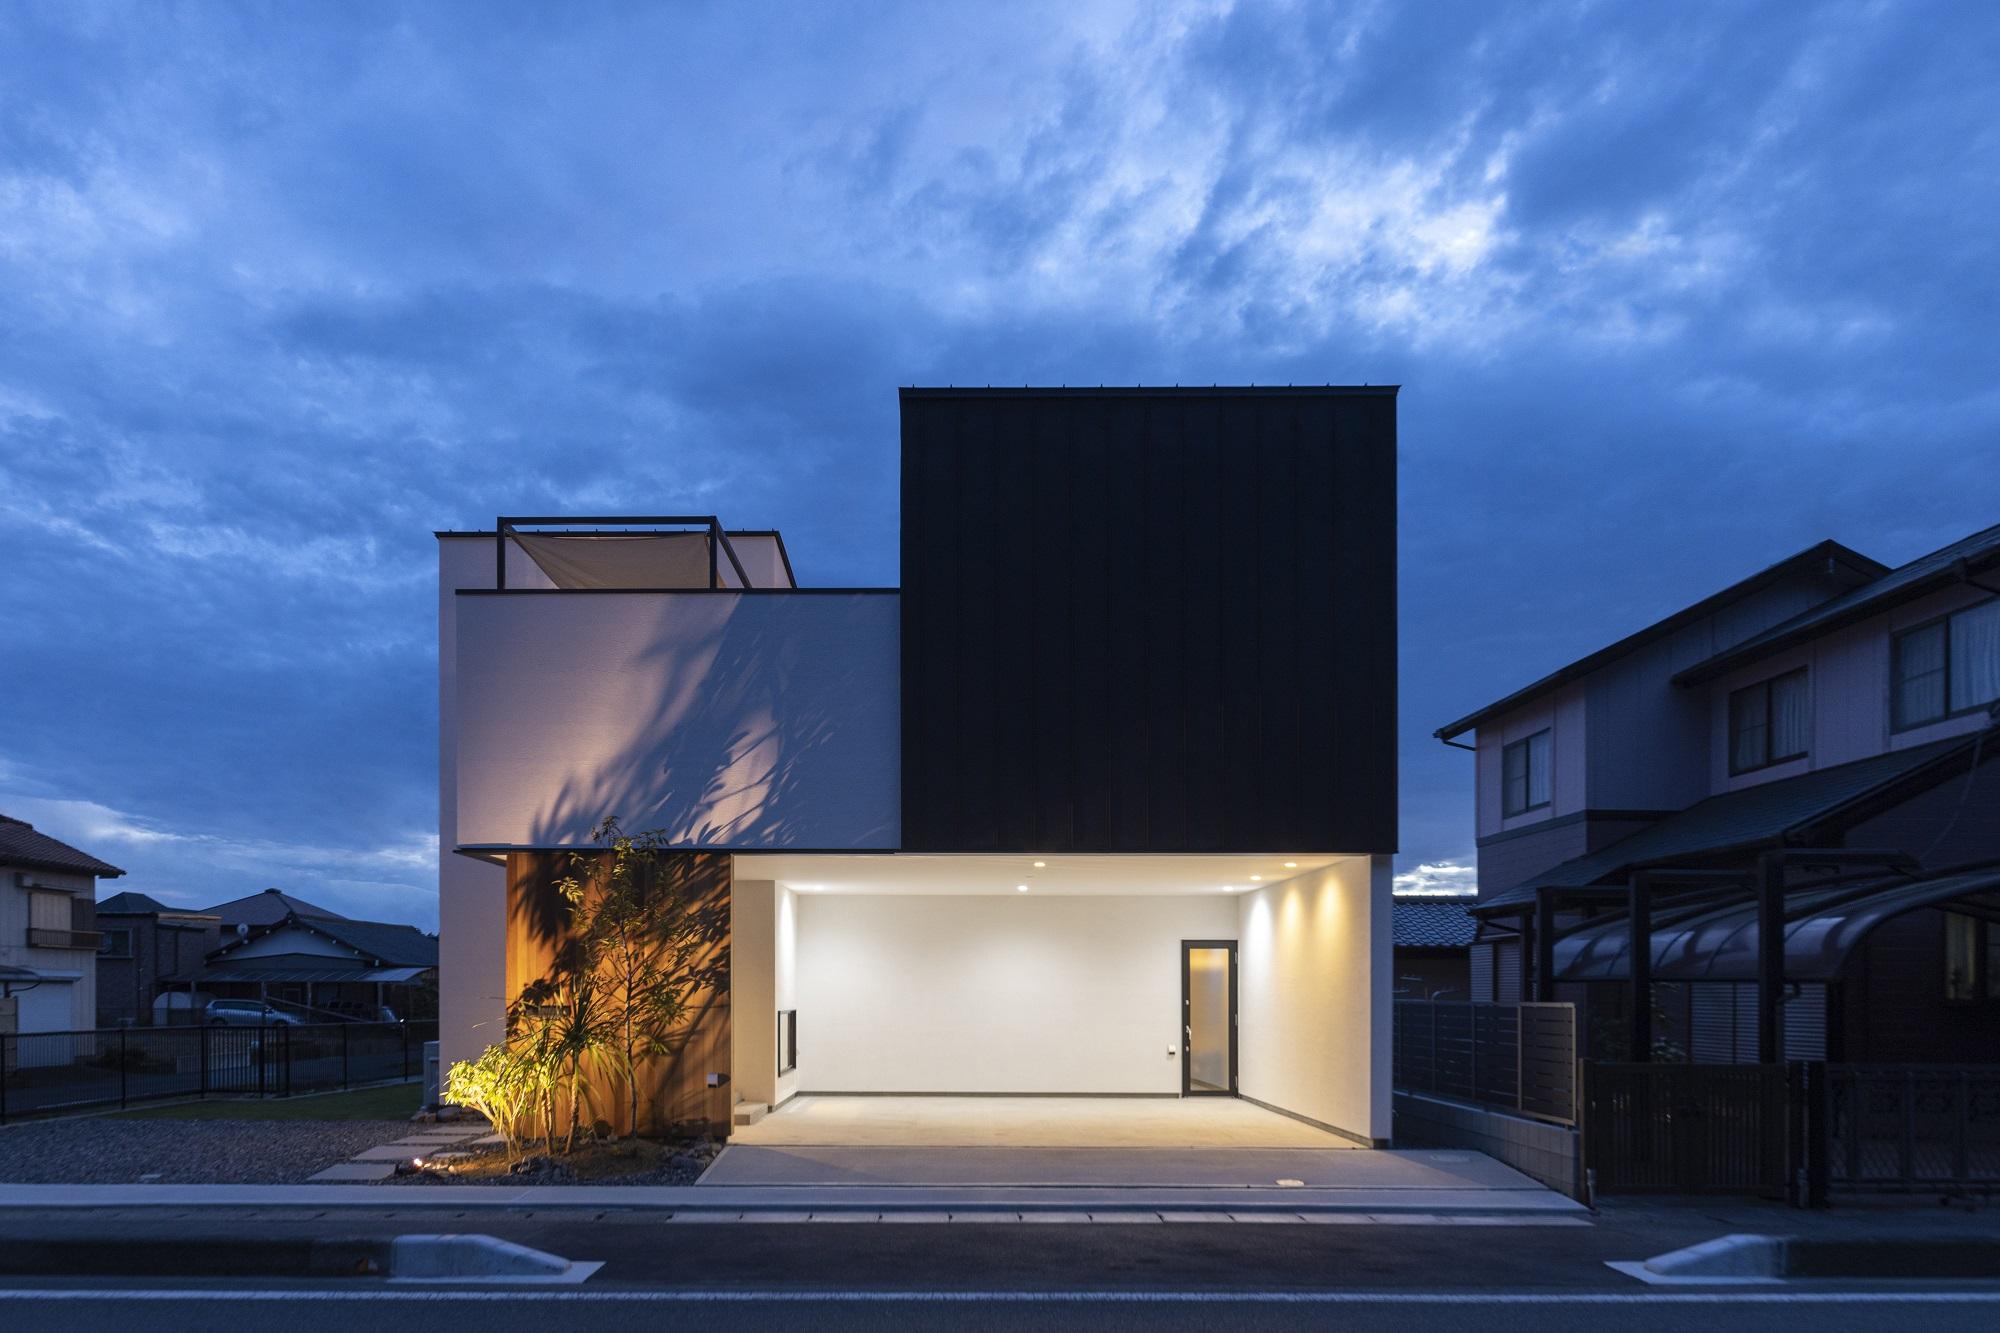 スタイルカーサ【デザイン住宅、趣味、屋上バルコニー】レッドシダーとガルバリウムの外壁がアクセントに。奥行と立体感が感じられるskygarageの外観。外の照明と外構にもこだわった